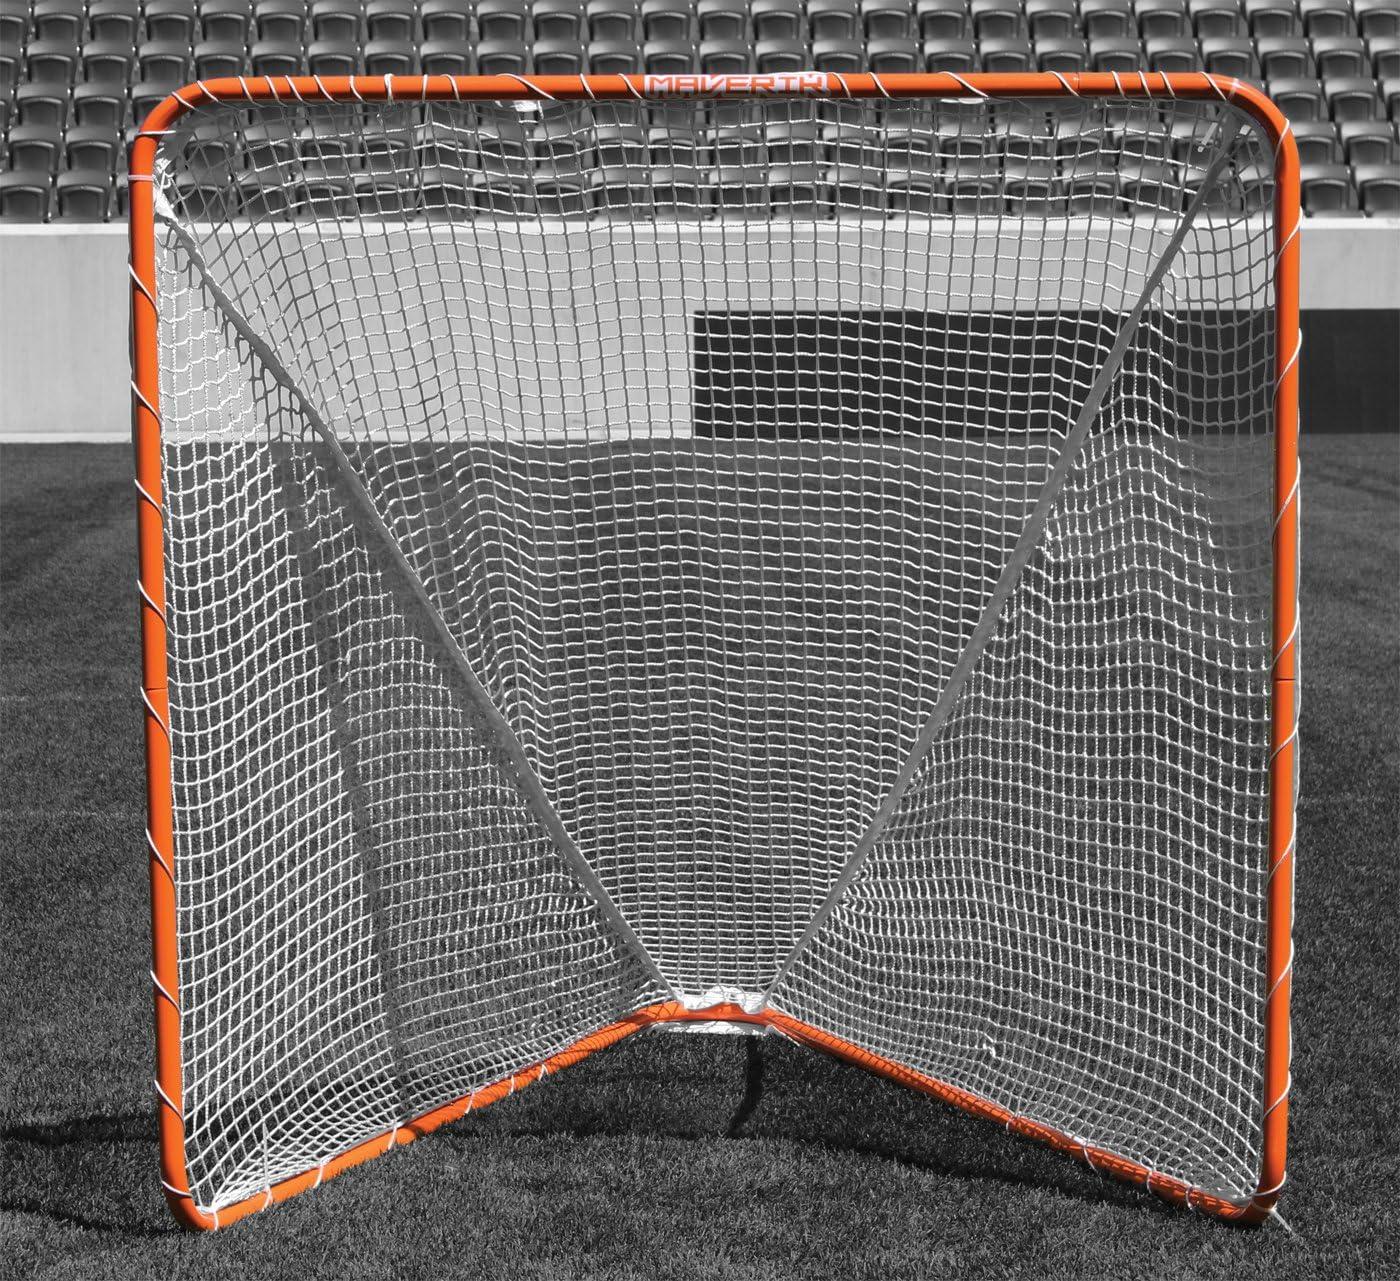 Sequel Wear out custom best lacrosse nets amazon ...